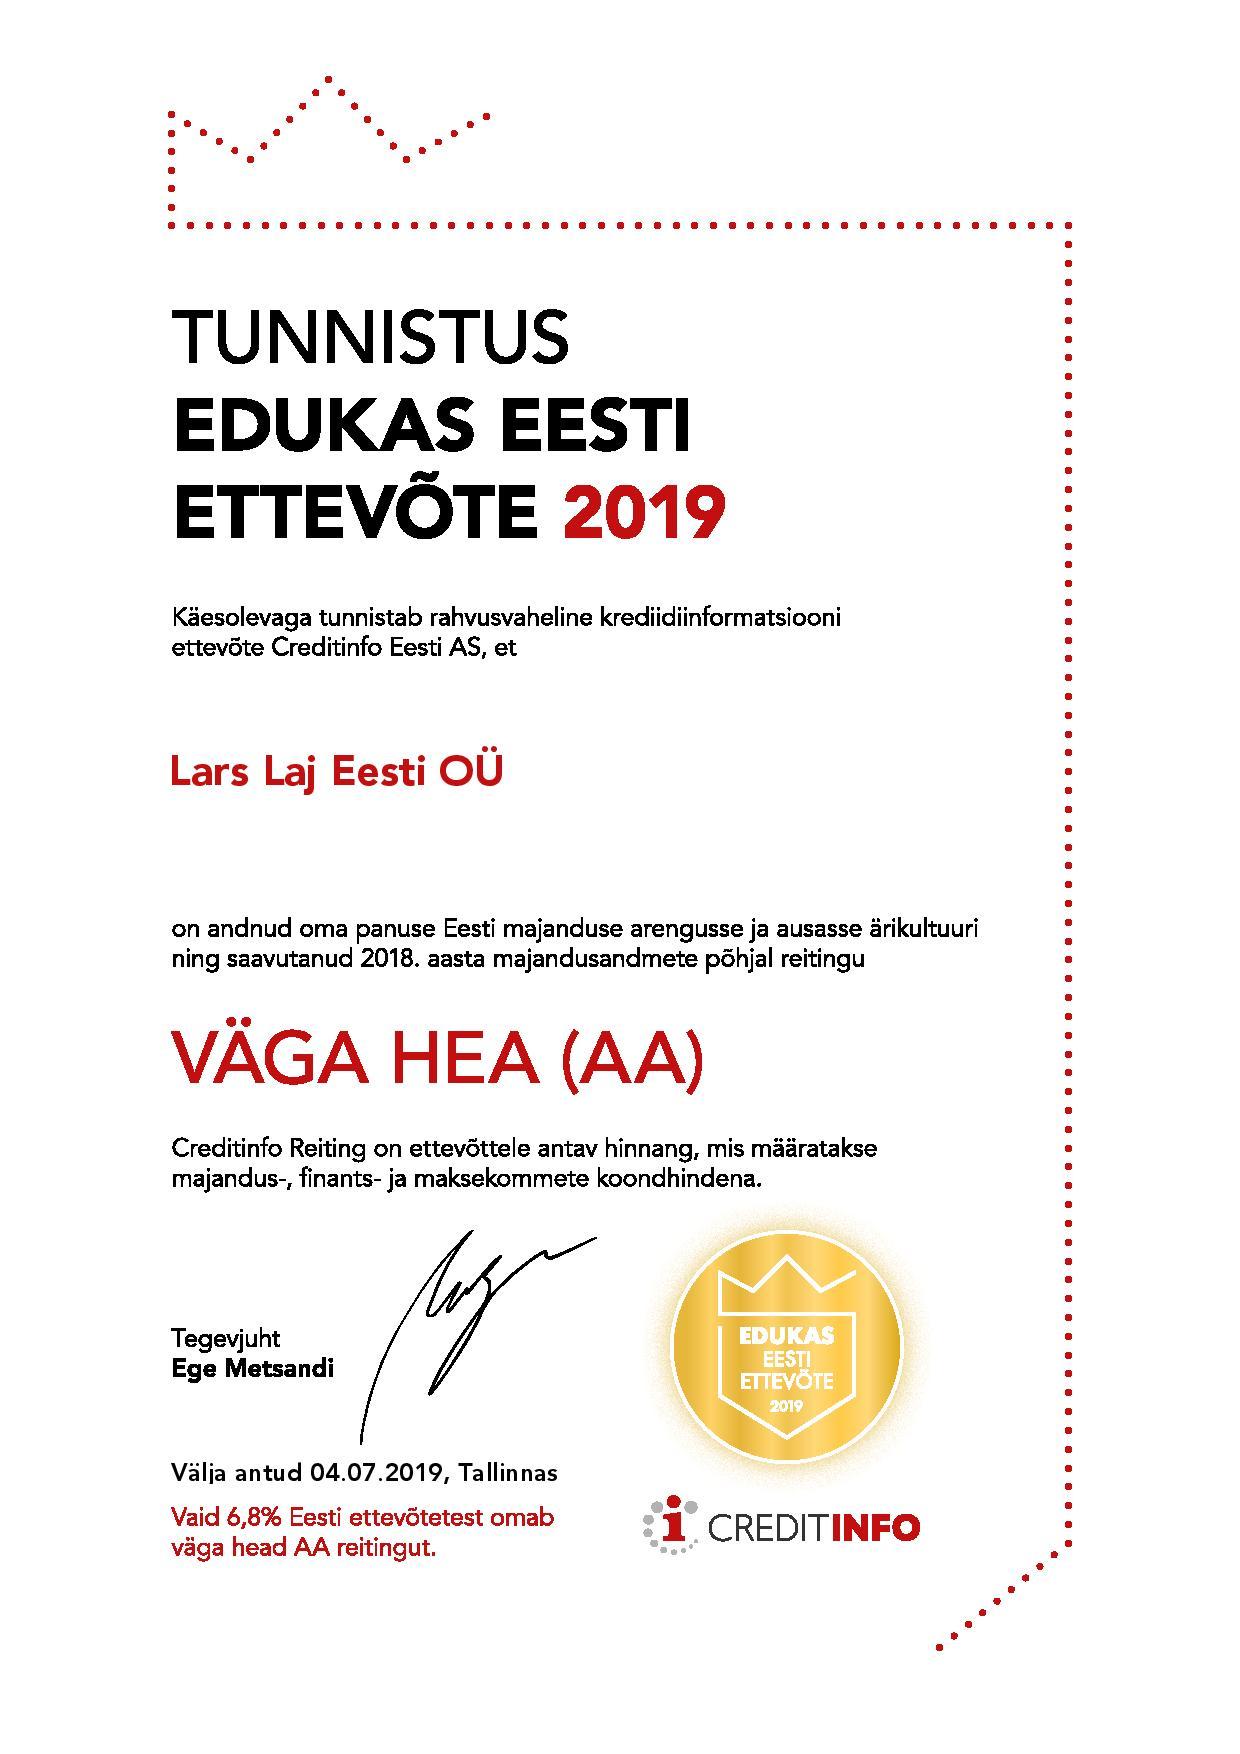 Lars Laj Eesti Edukas Eesti Ettevõte